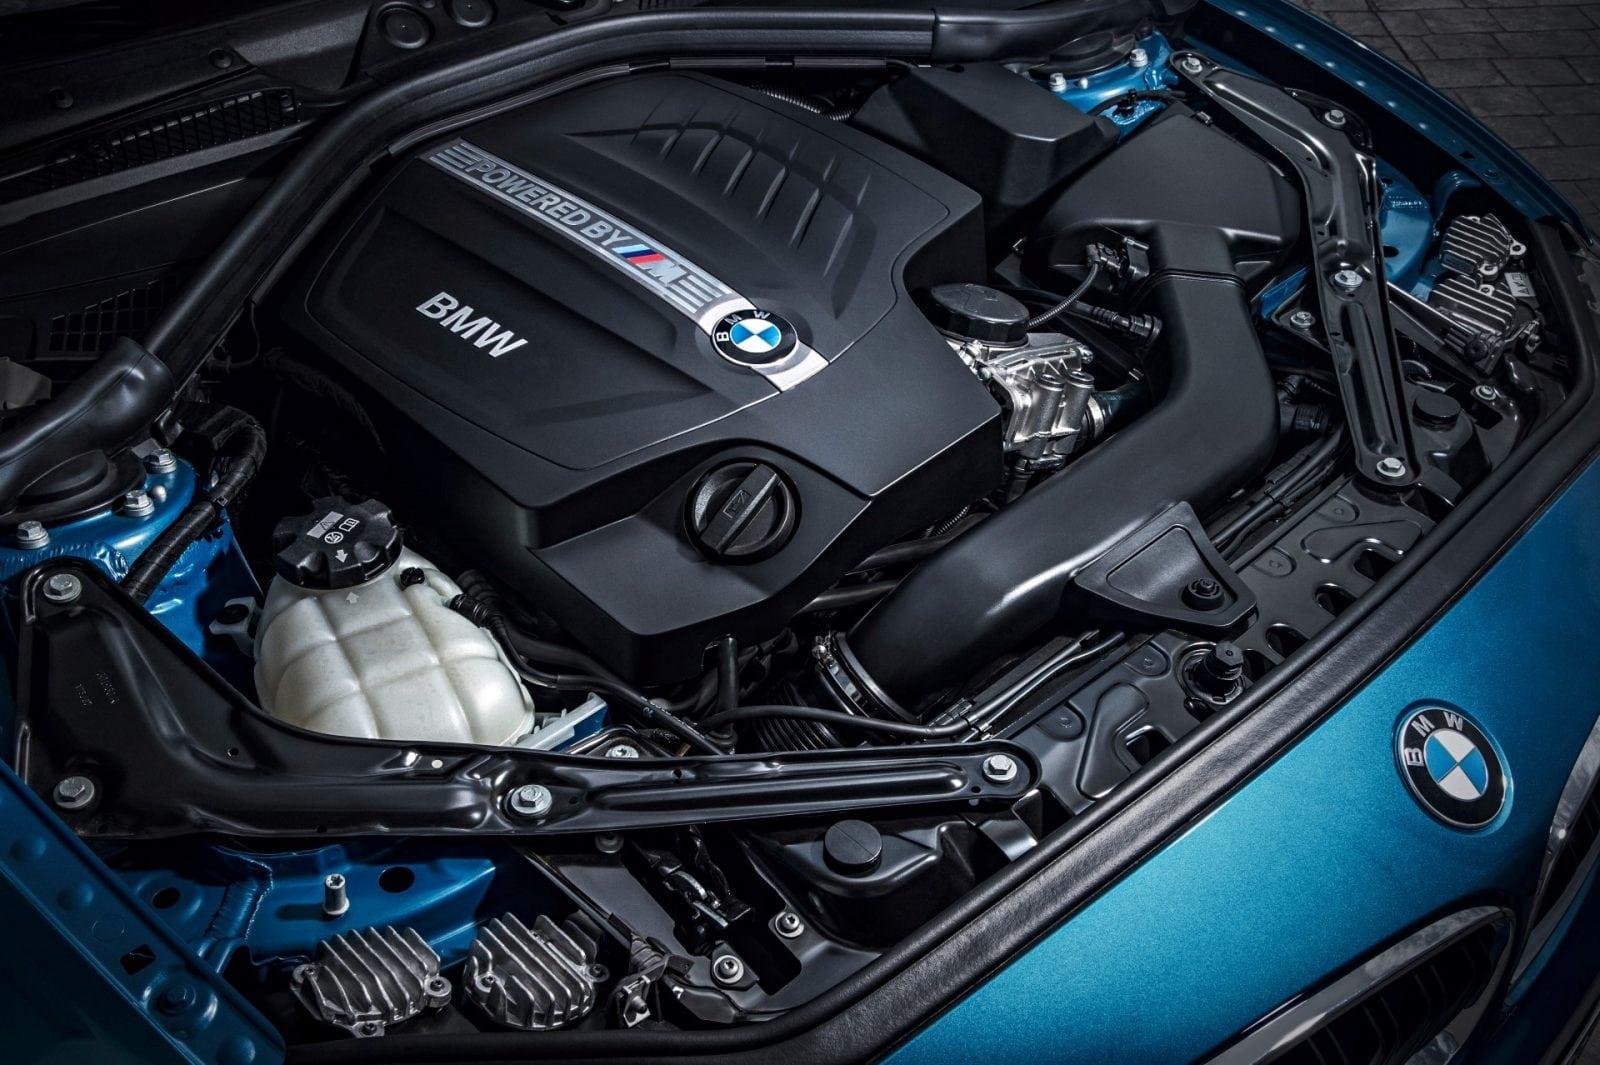 Двигатель BMW M2 F87 N55 мощность 370 л. с. (272 кВт).